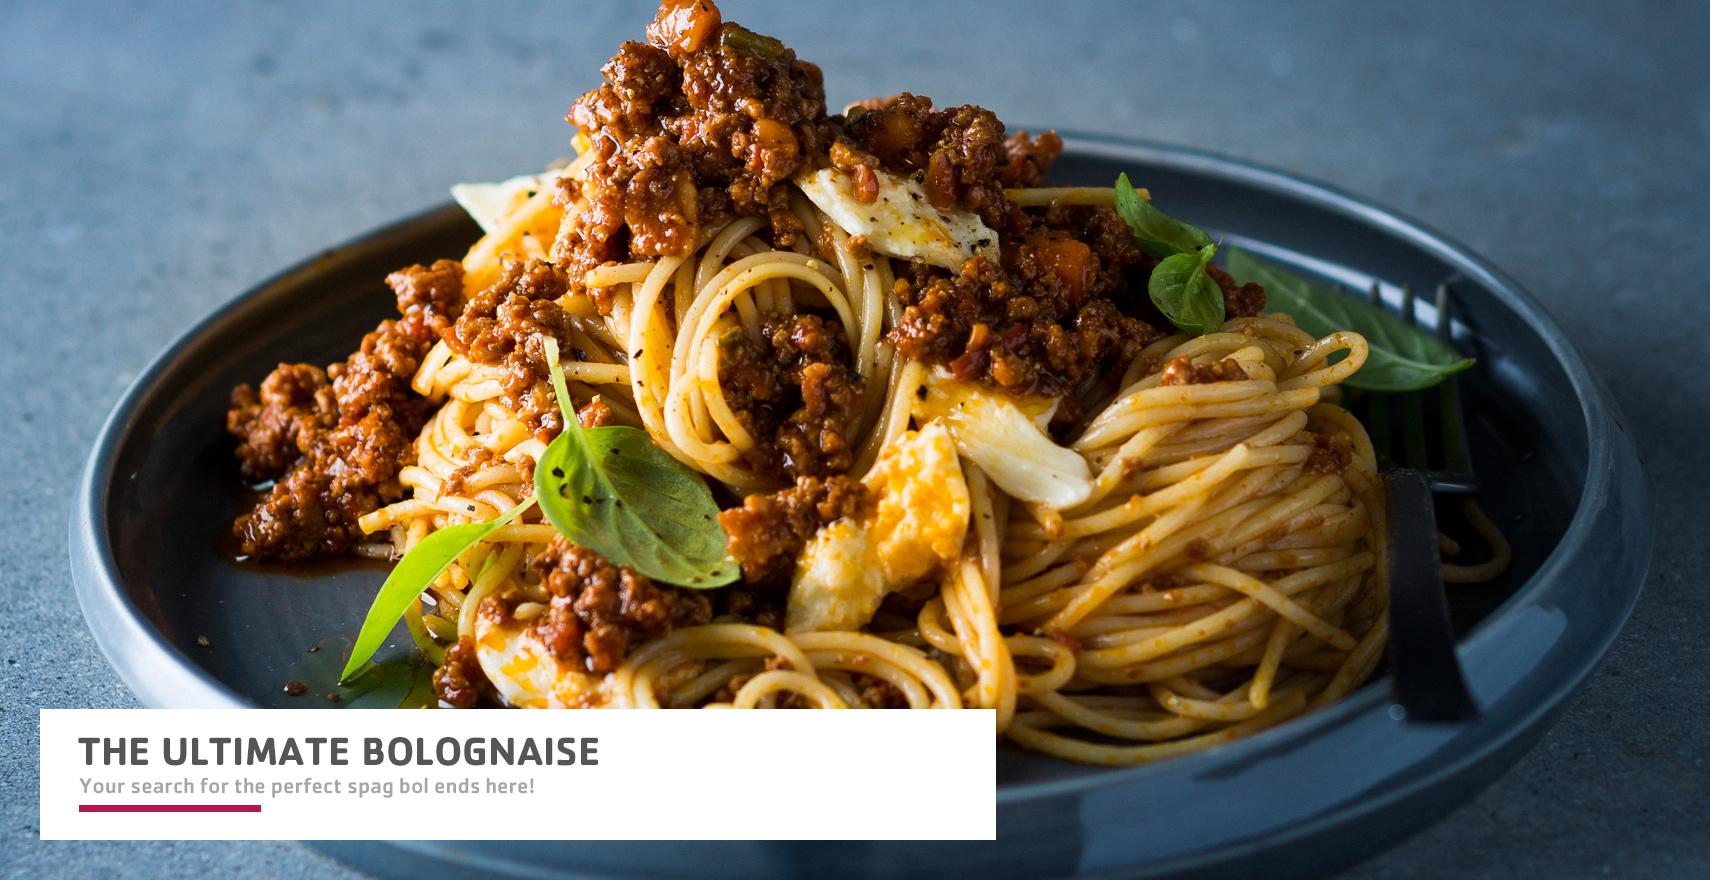 Bolognaise-Recipe-header-image.jpg